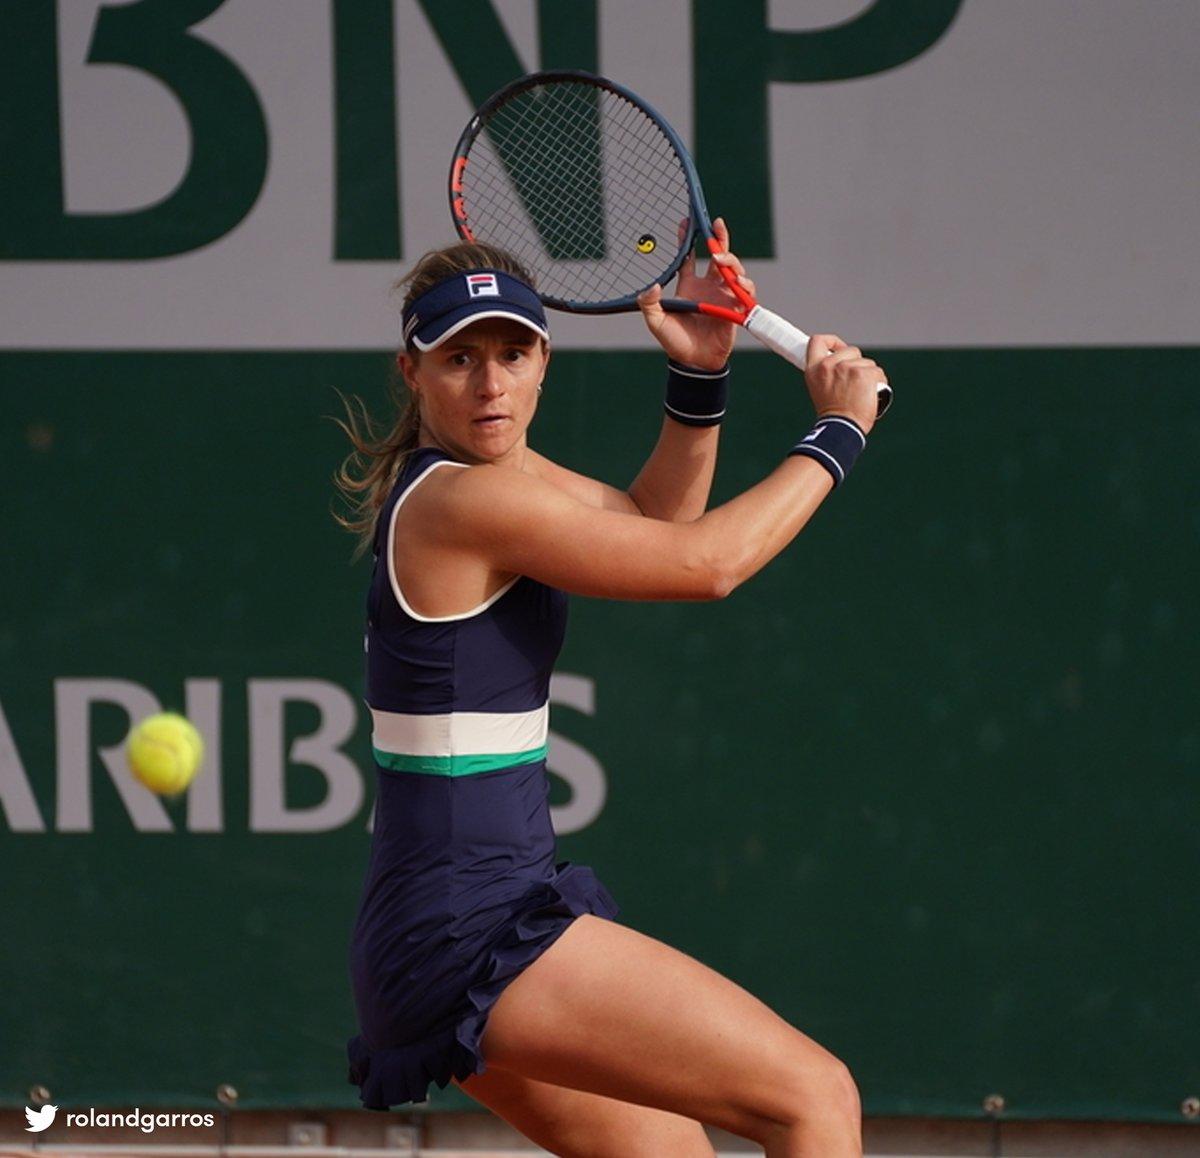 ¡Gran jornada para el tenis latinoamericano en la segunda ronda de la qualy del cuadro femenino de #RolandGarros! 🇫🇷   🎾 Nadia Podoroska 🇦🇷 6-0 y 6-4 a Jaqueline Cristian 🇷🇴 🎾 Daniela Seguel 🇨🇱 4-6, 6-4 y 6-3 a Leonie Kung 🇨🇭 🎾 Renata Zarazúa 🇲🇽 6-3 y 6-3 a Viktoriya Tomova 🇧🇬 https://t.co/jQcQCmsKkN